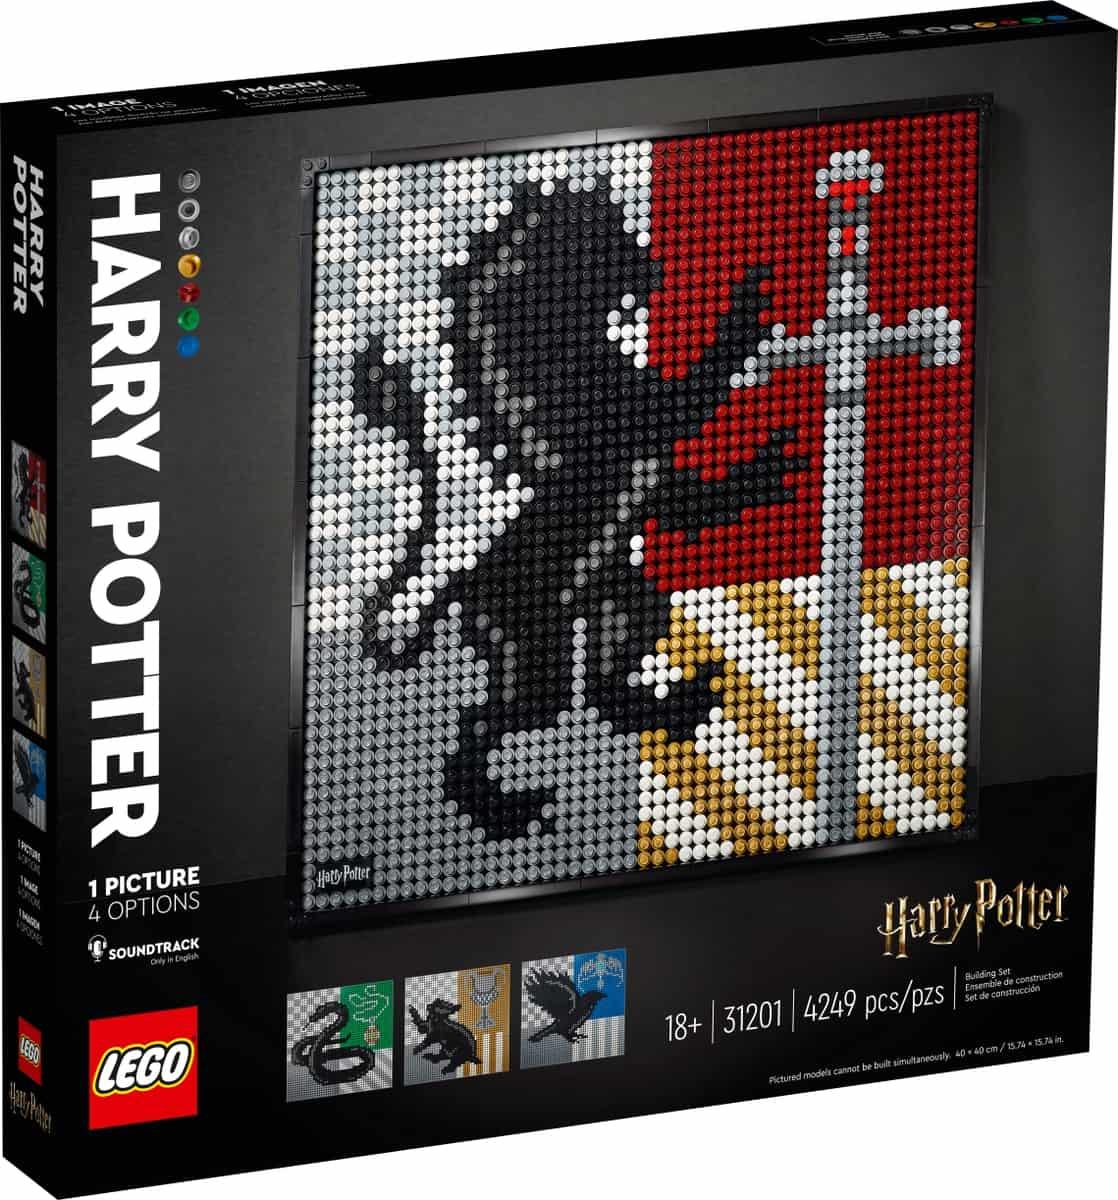 lego 31201 harry potter hogwarts brasoes